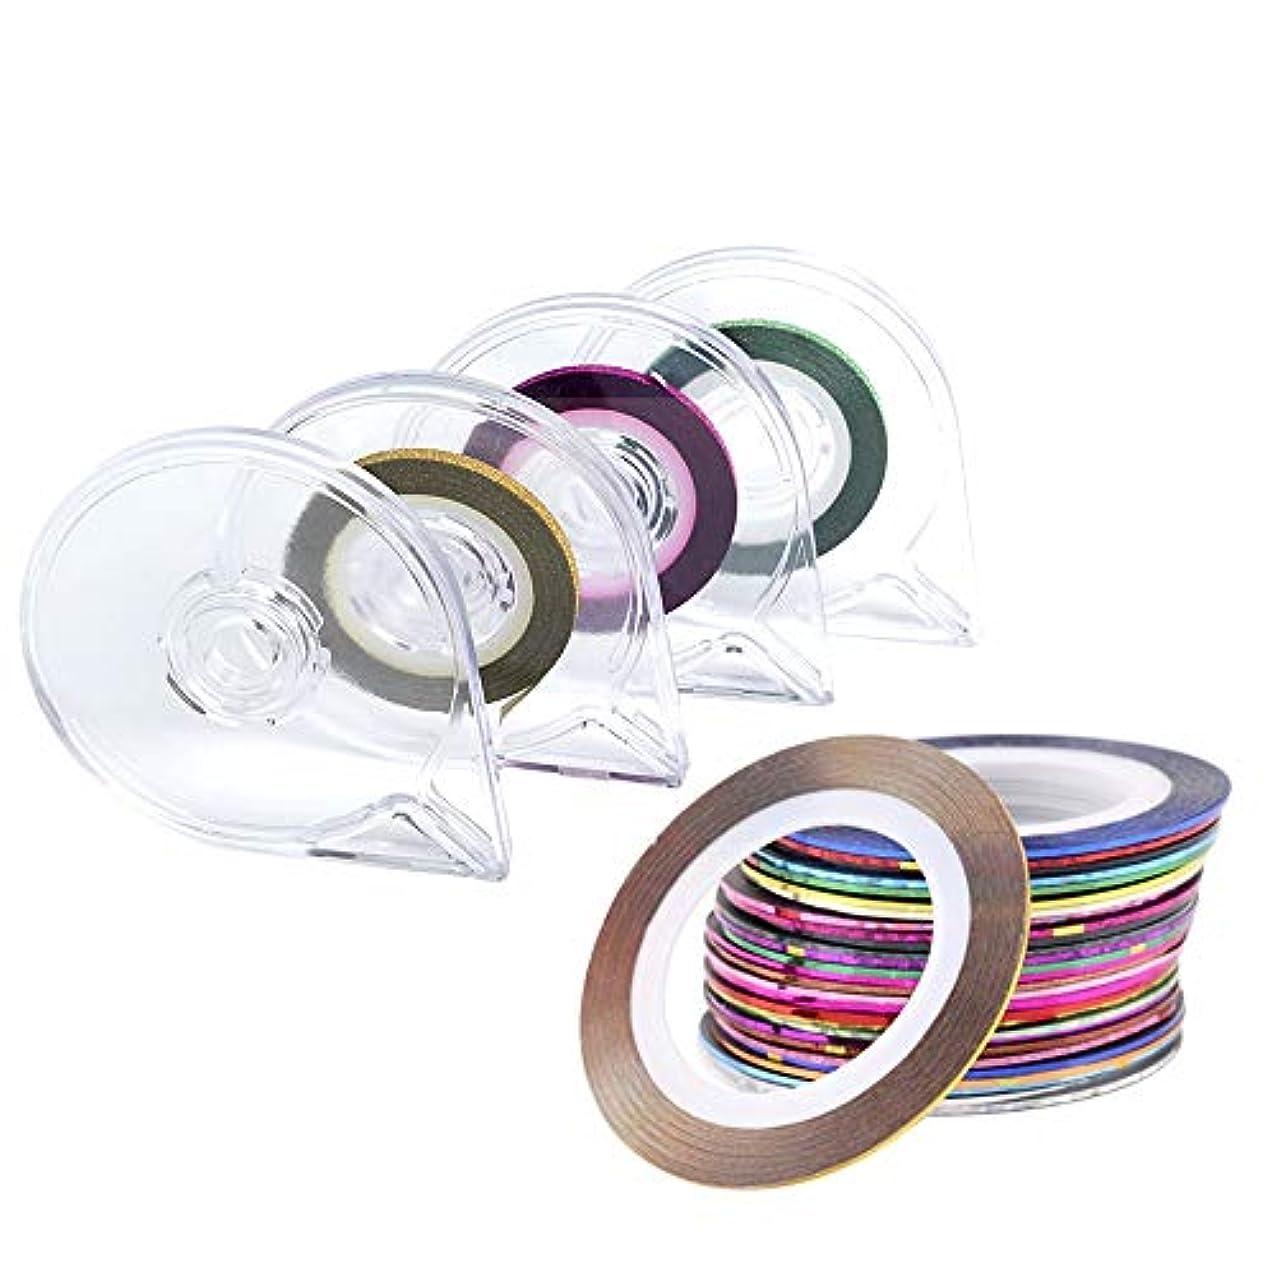 冗談でいたずらなひそかにラインテープネイルアート用 ラインテープ シート ジェルネイル用 マニキュア セット ジェルネイル アート用ラインテープ 専用ケース付き 30ピース /セット (Color : Mixed Colour)